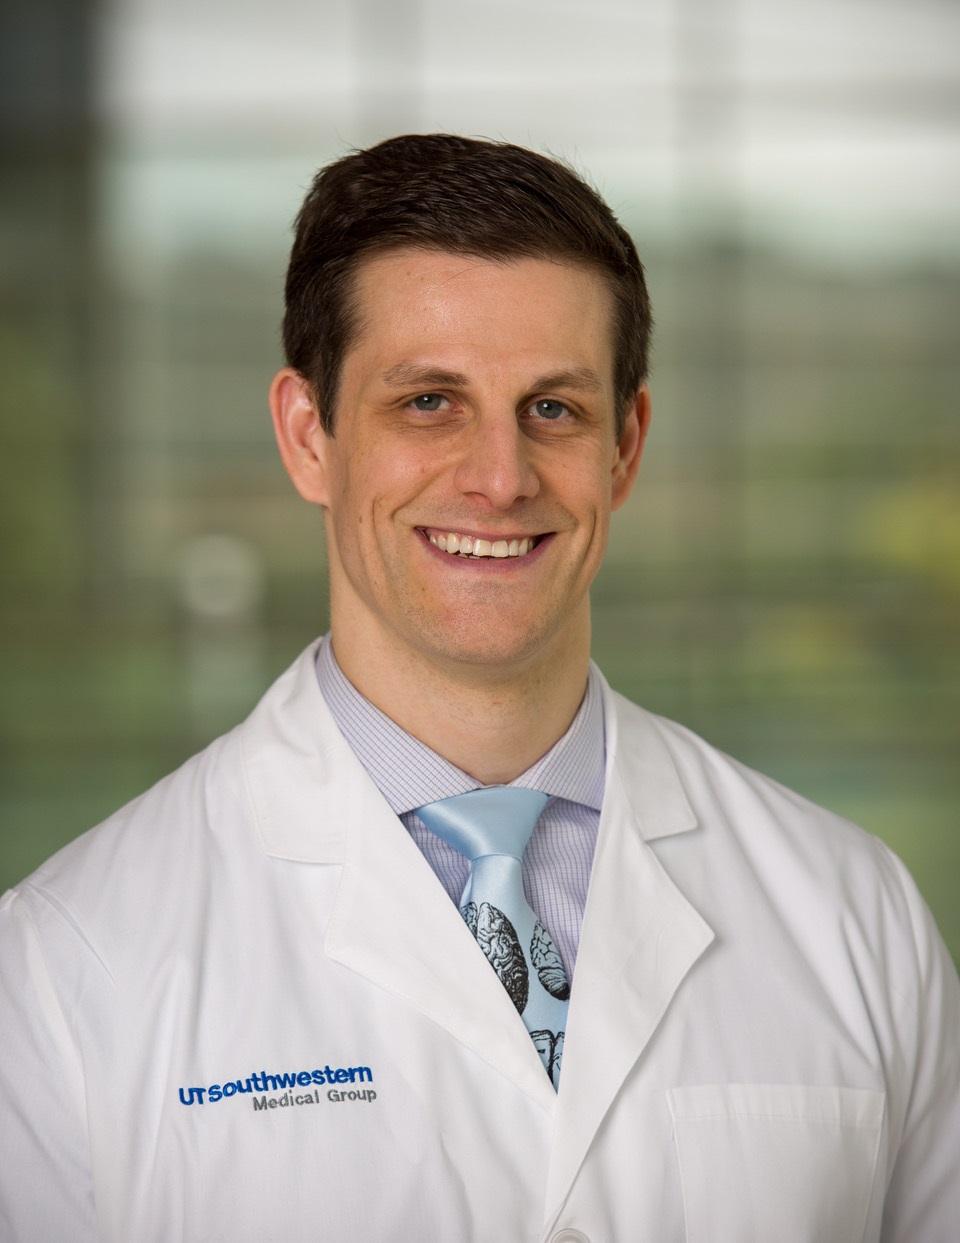 Dr. Robert Weir